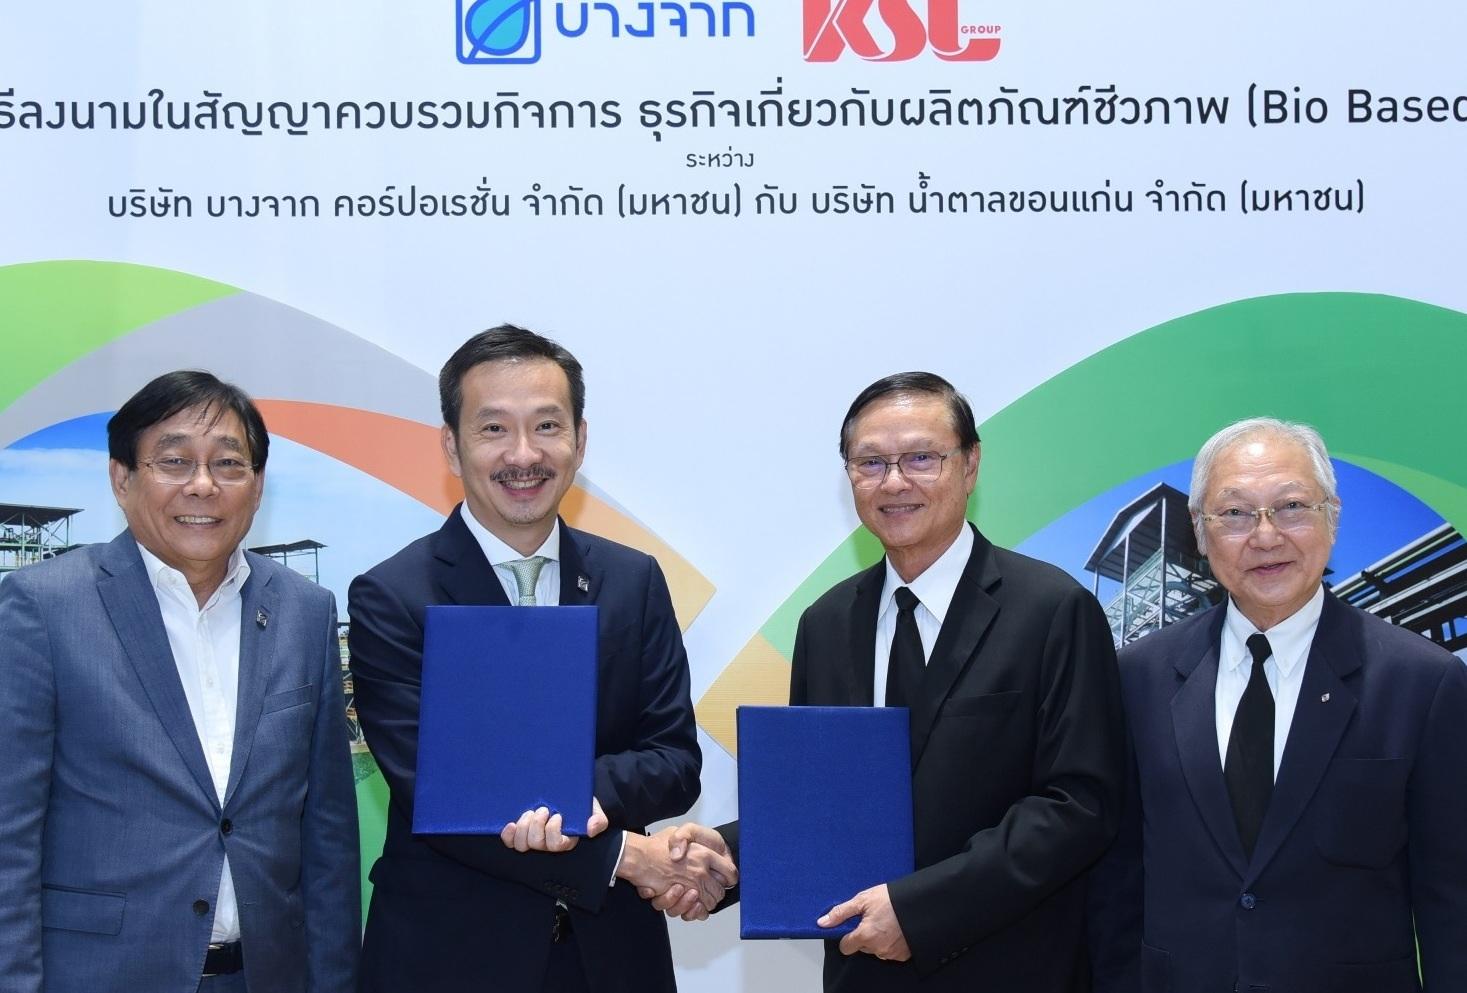 บางจากจับมือน้ำตาลขอนแก่น รุกธุรกิจชีวภาพขึ้นแท่นใหญ่สุดของไทย